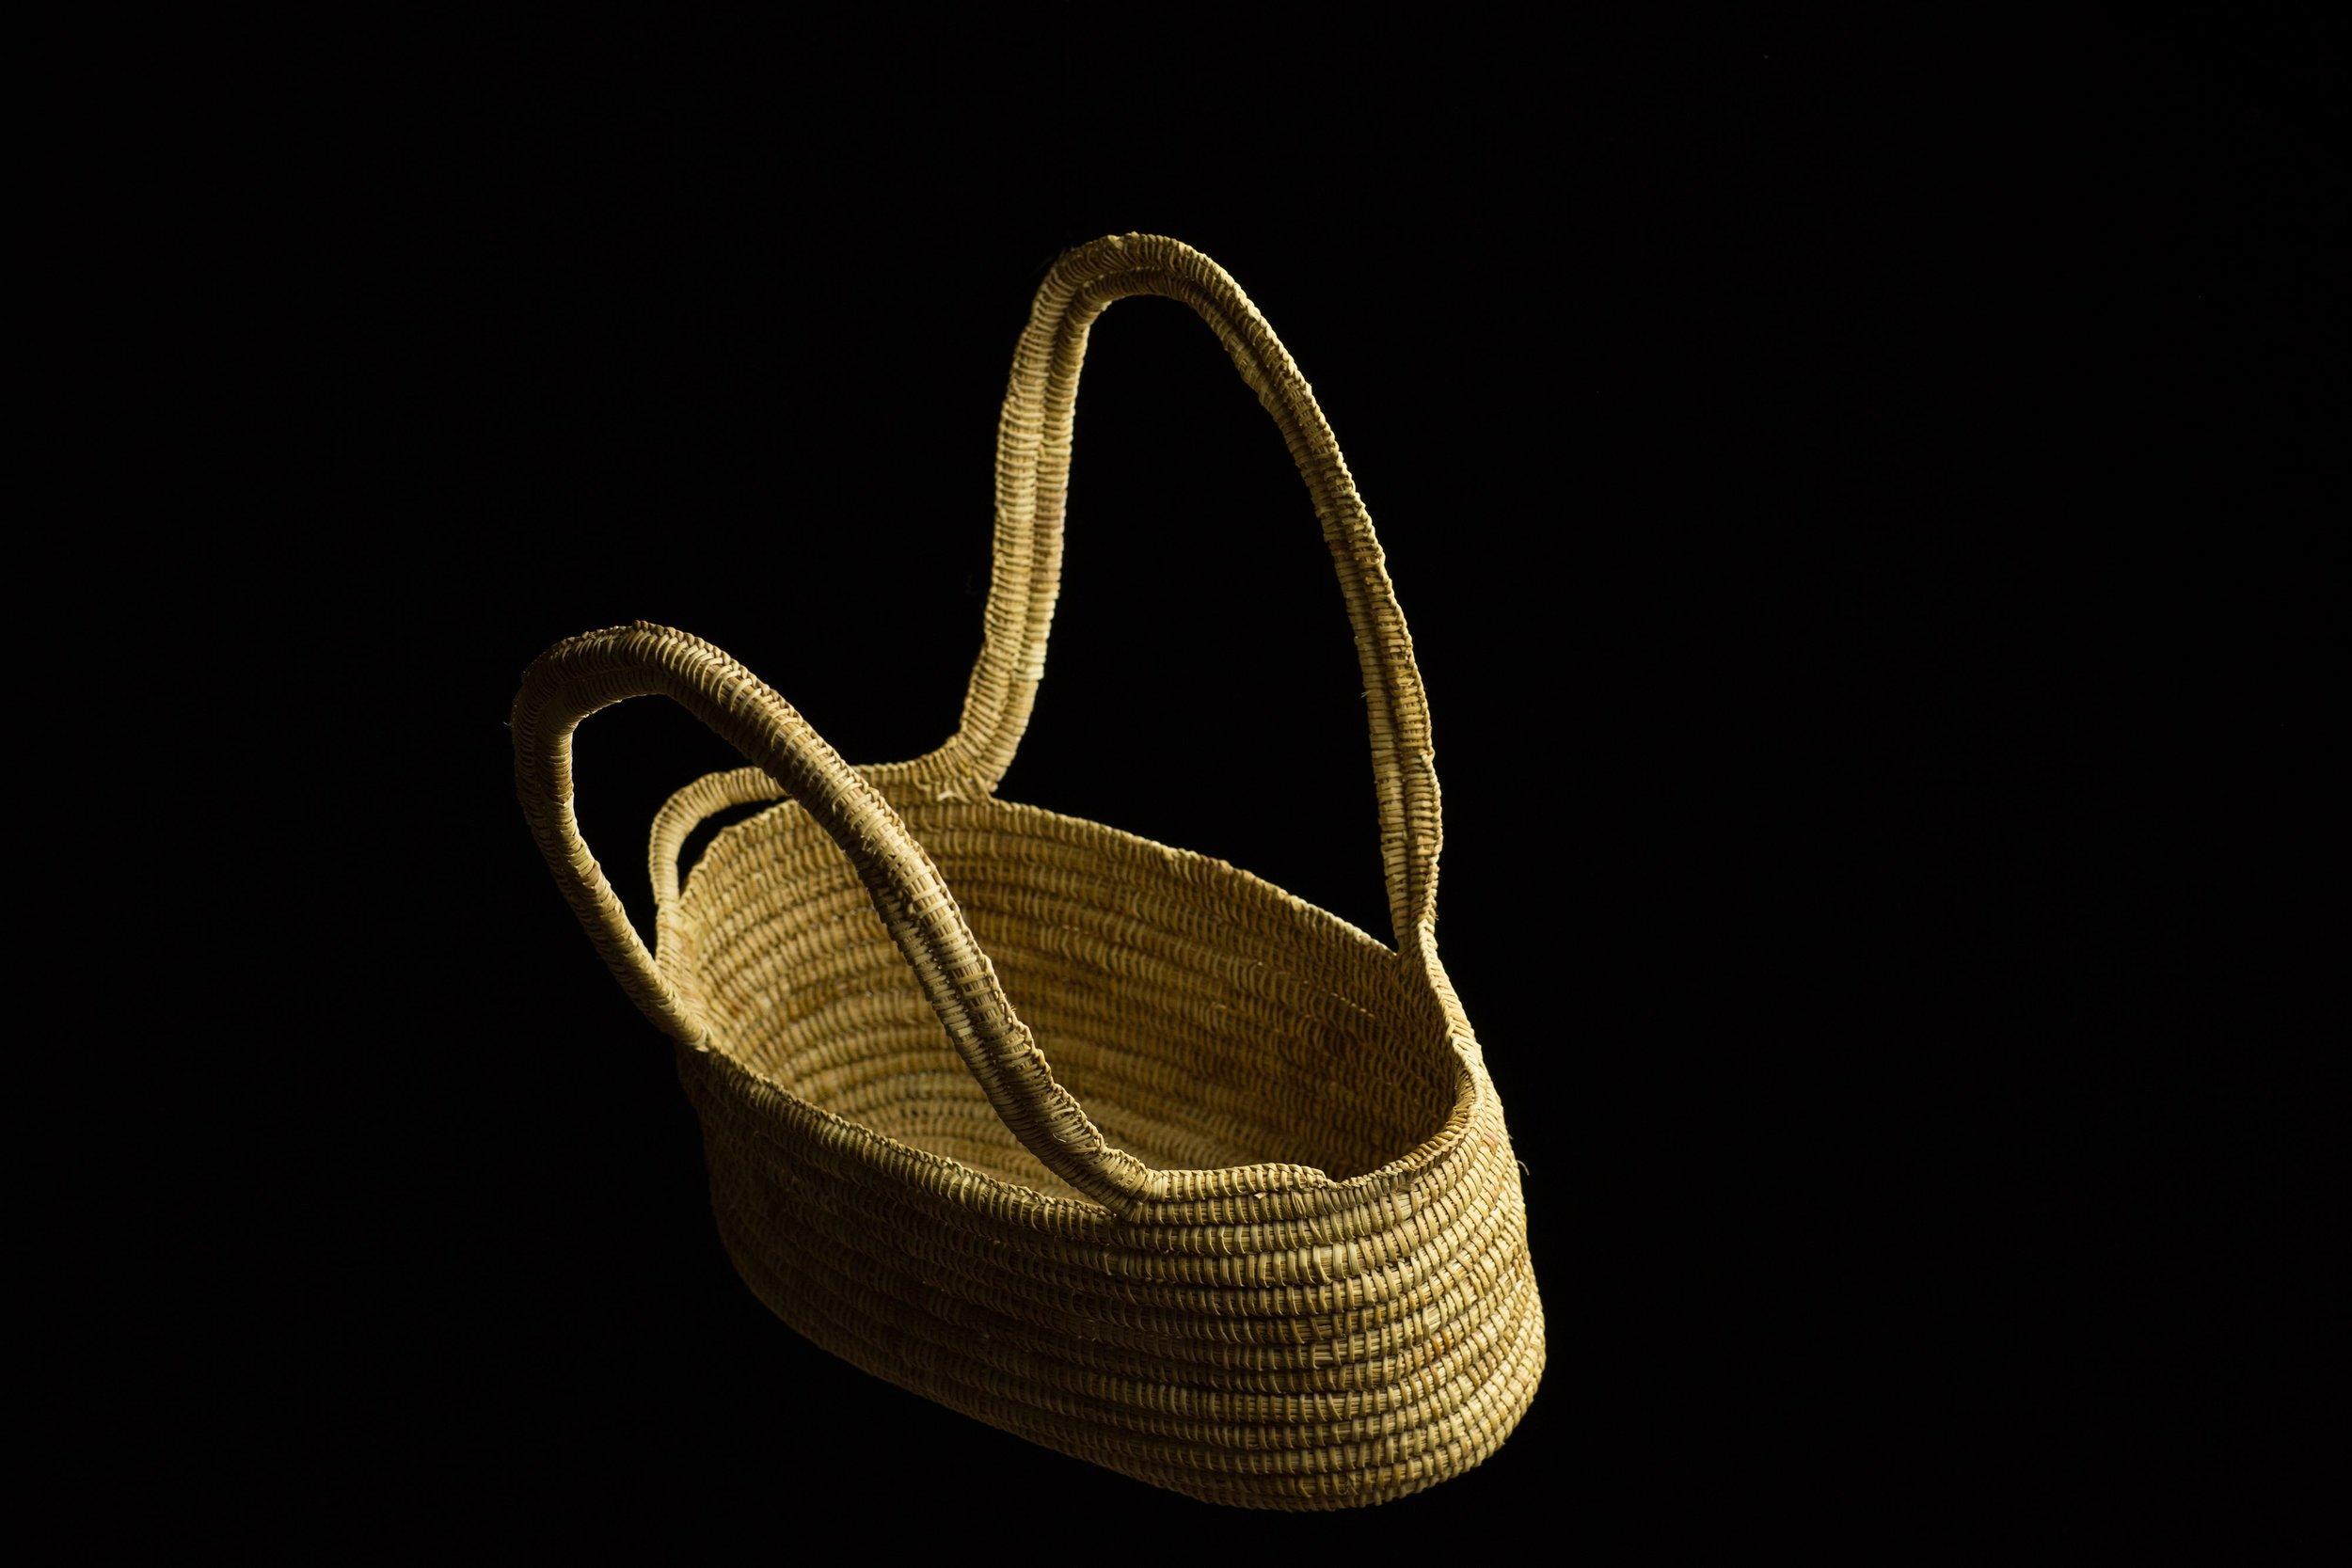 Ngarrindjeri Hand Basket